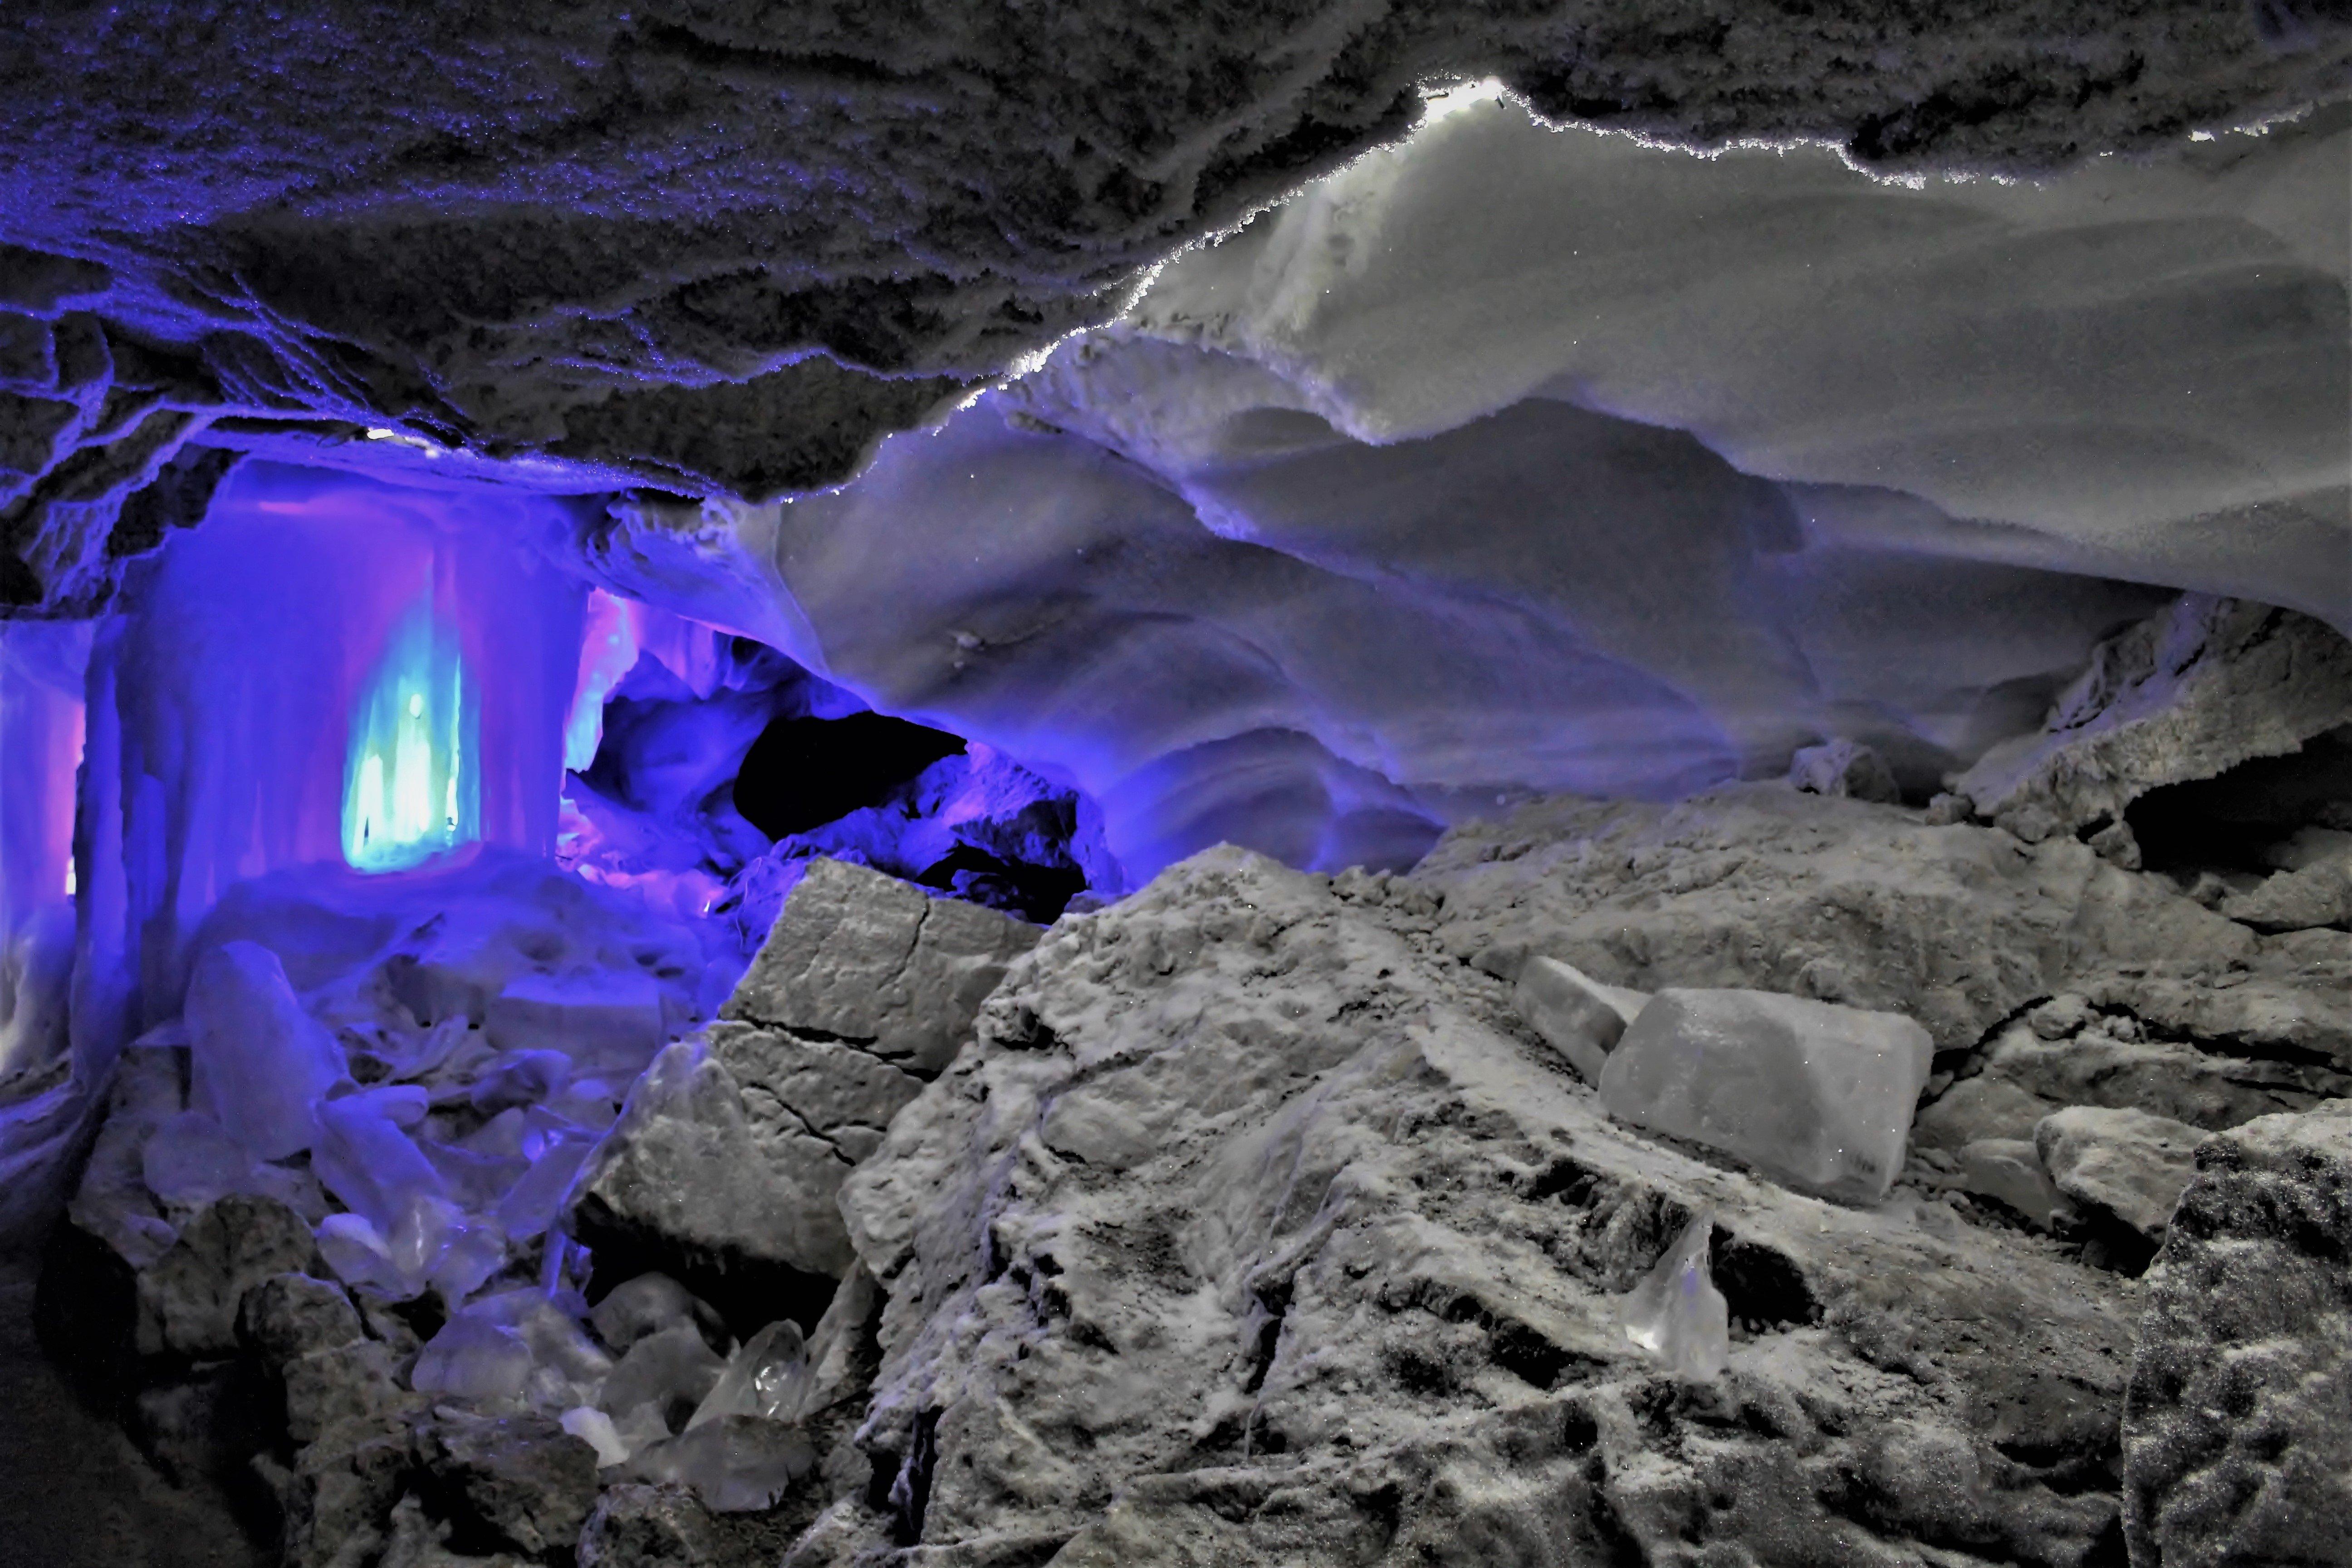 всегда кунгурские пещеры фотографии может означать, что